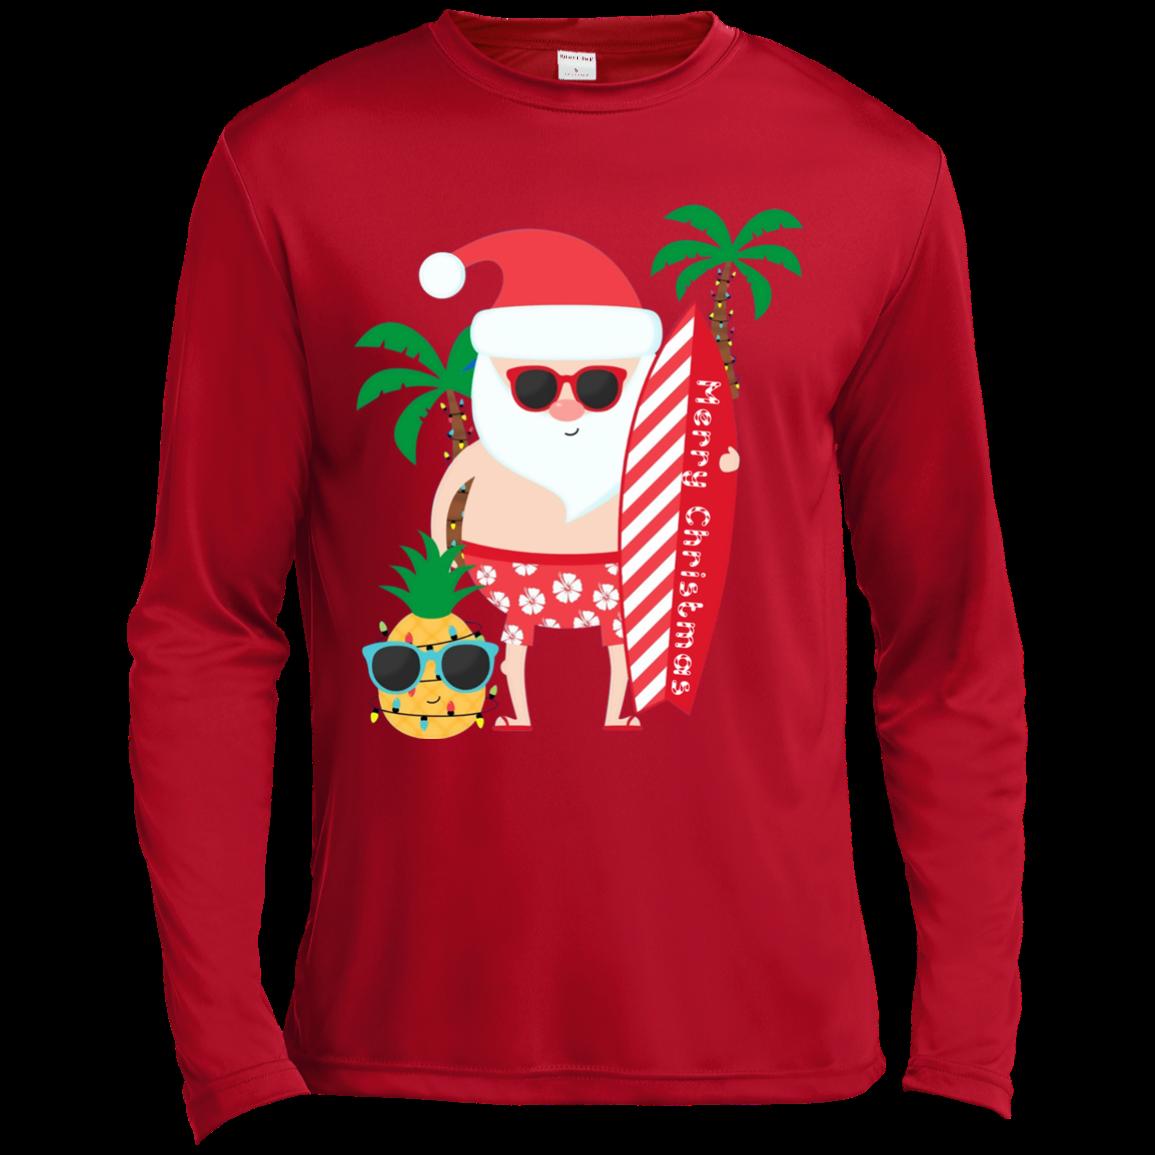 b067207635a Santa Claus Surfing Hawaiian Shirt Summer Christmas Outfit ST350LS Spor-Tek  LS Moisture Absorbing T-Shirt